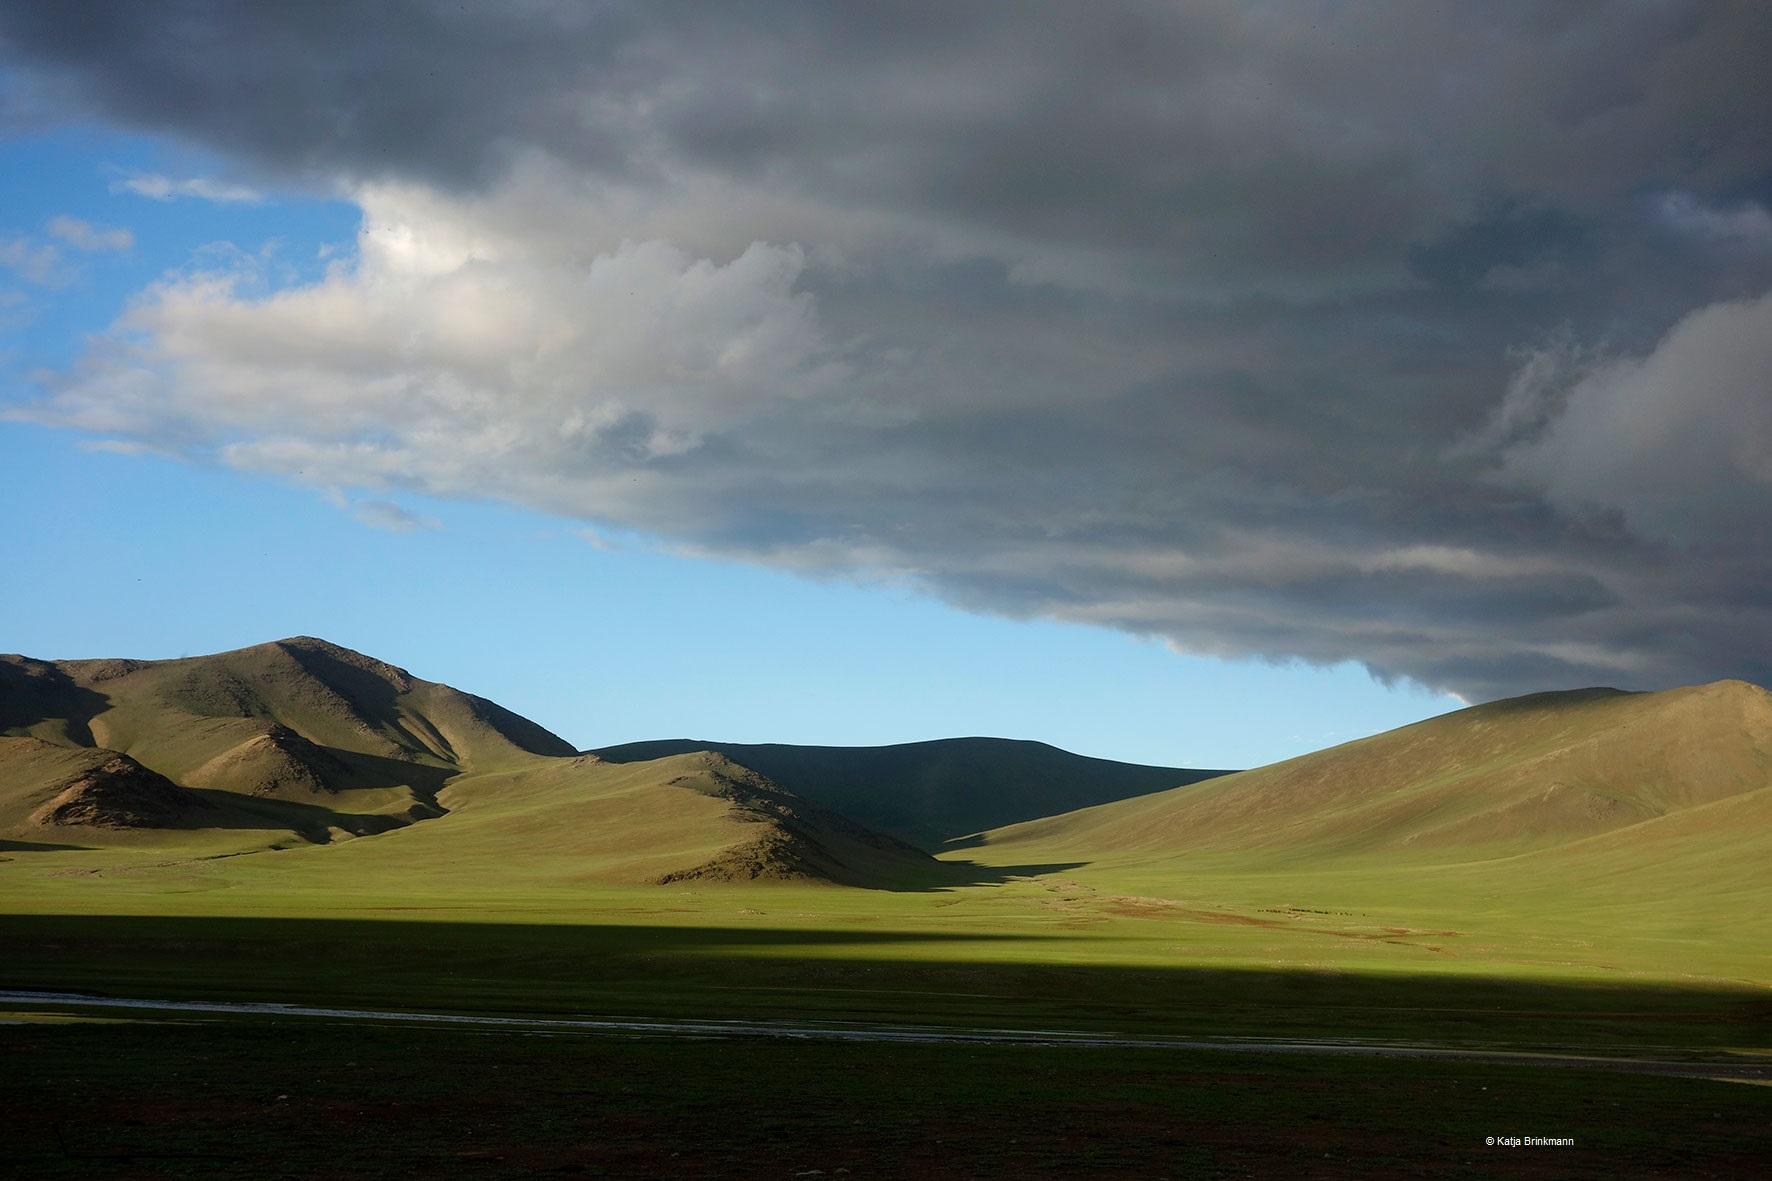 Landschaft in der Mongolei, von Katja Brinkmann, August 2018